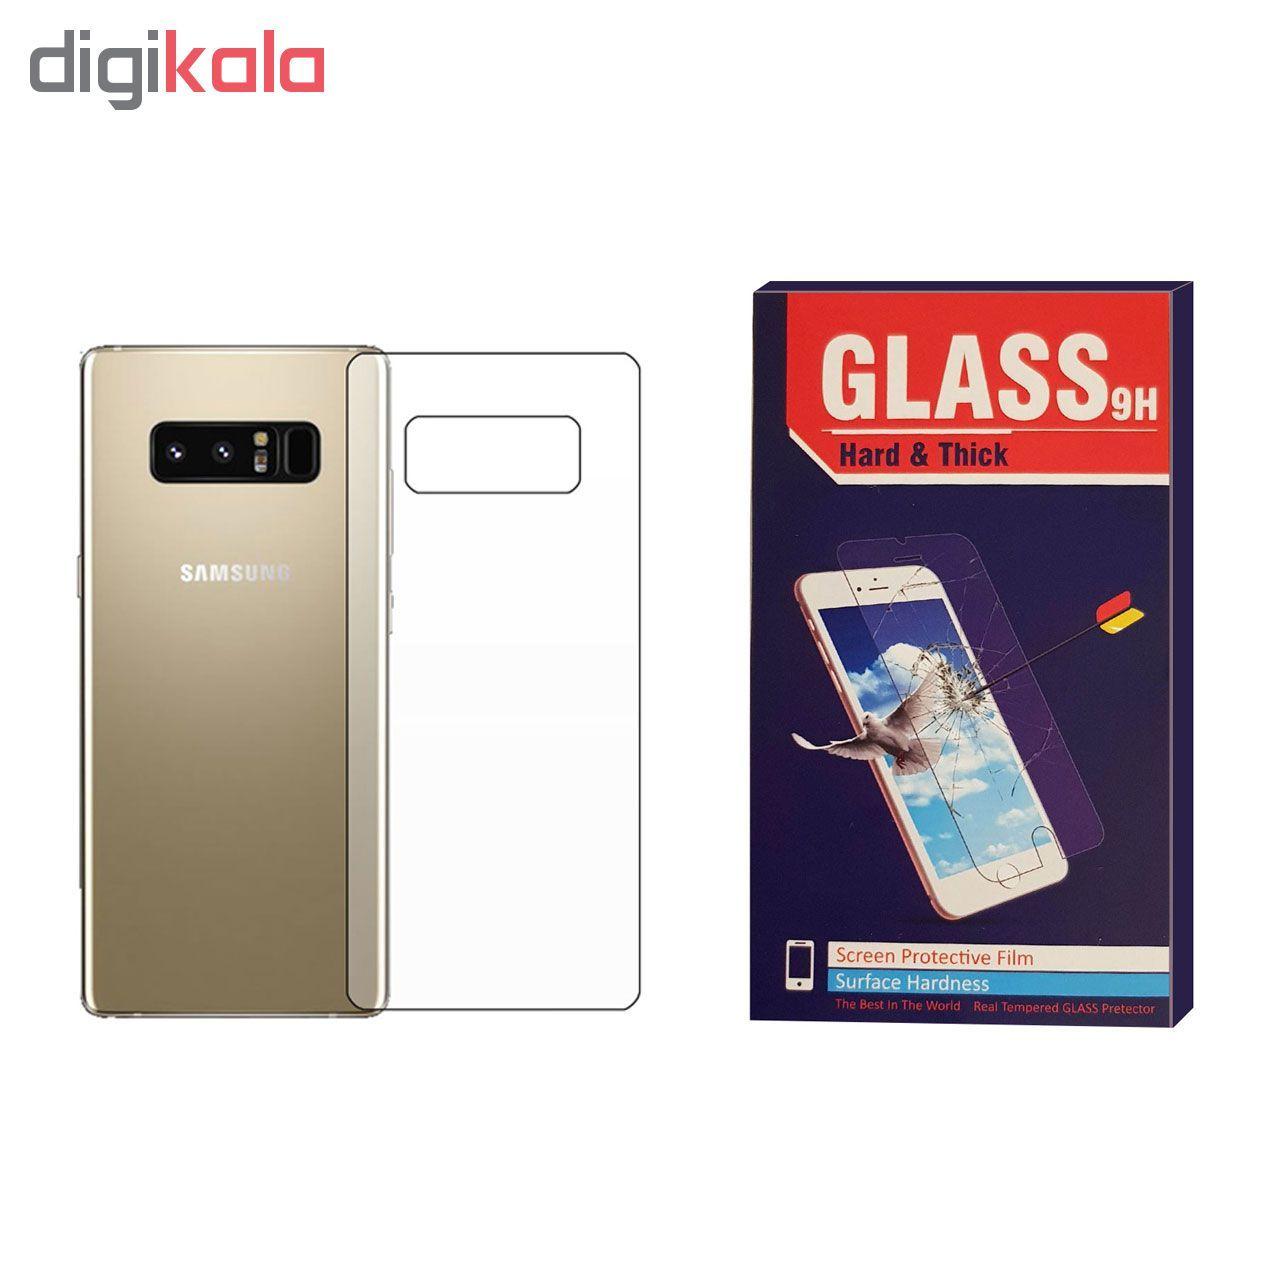 محافظ پشت گوشی تی پی یو hard and thick مدل f005 مناسب برای گوشی موبایل سامسونگ Galaxy Note 8 main 1 1